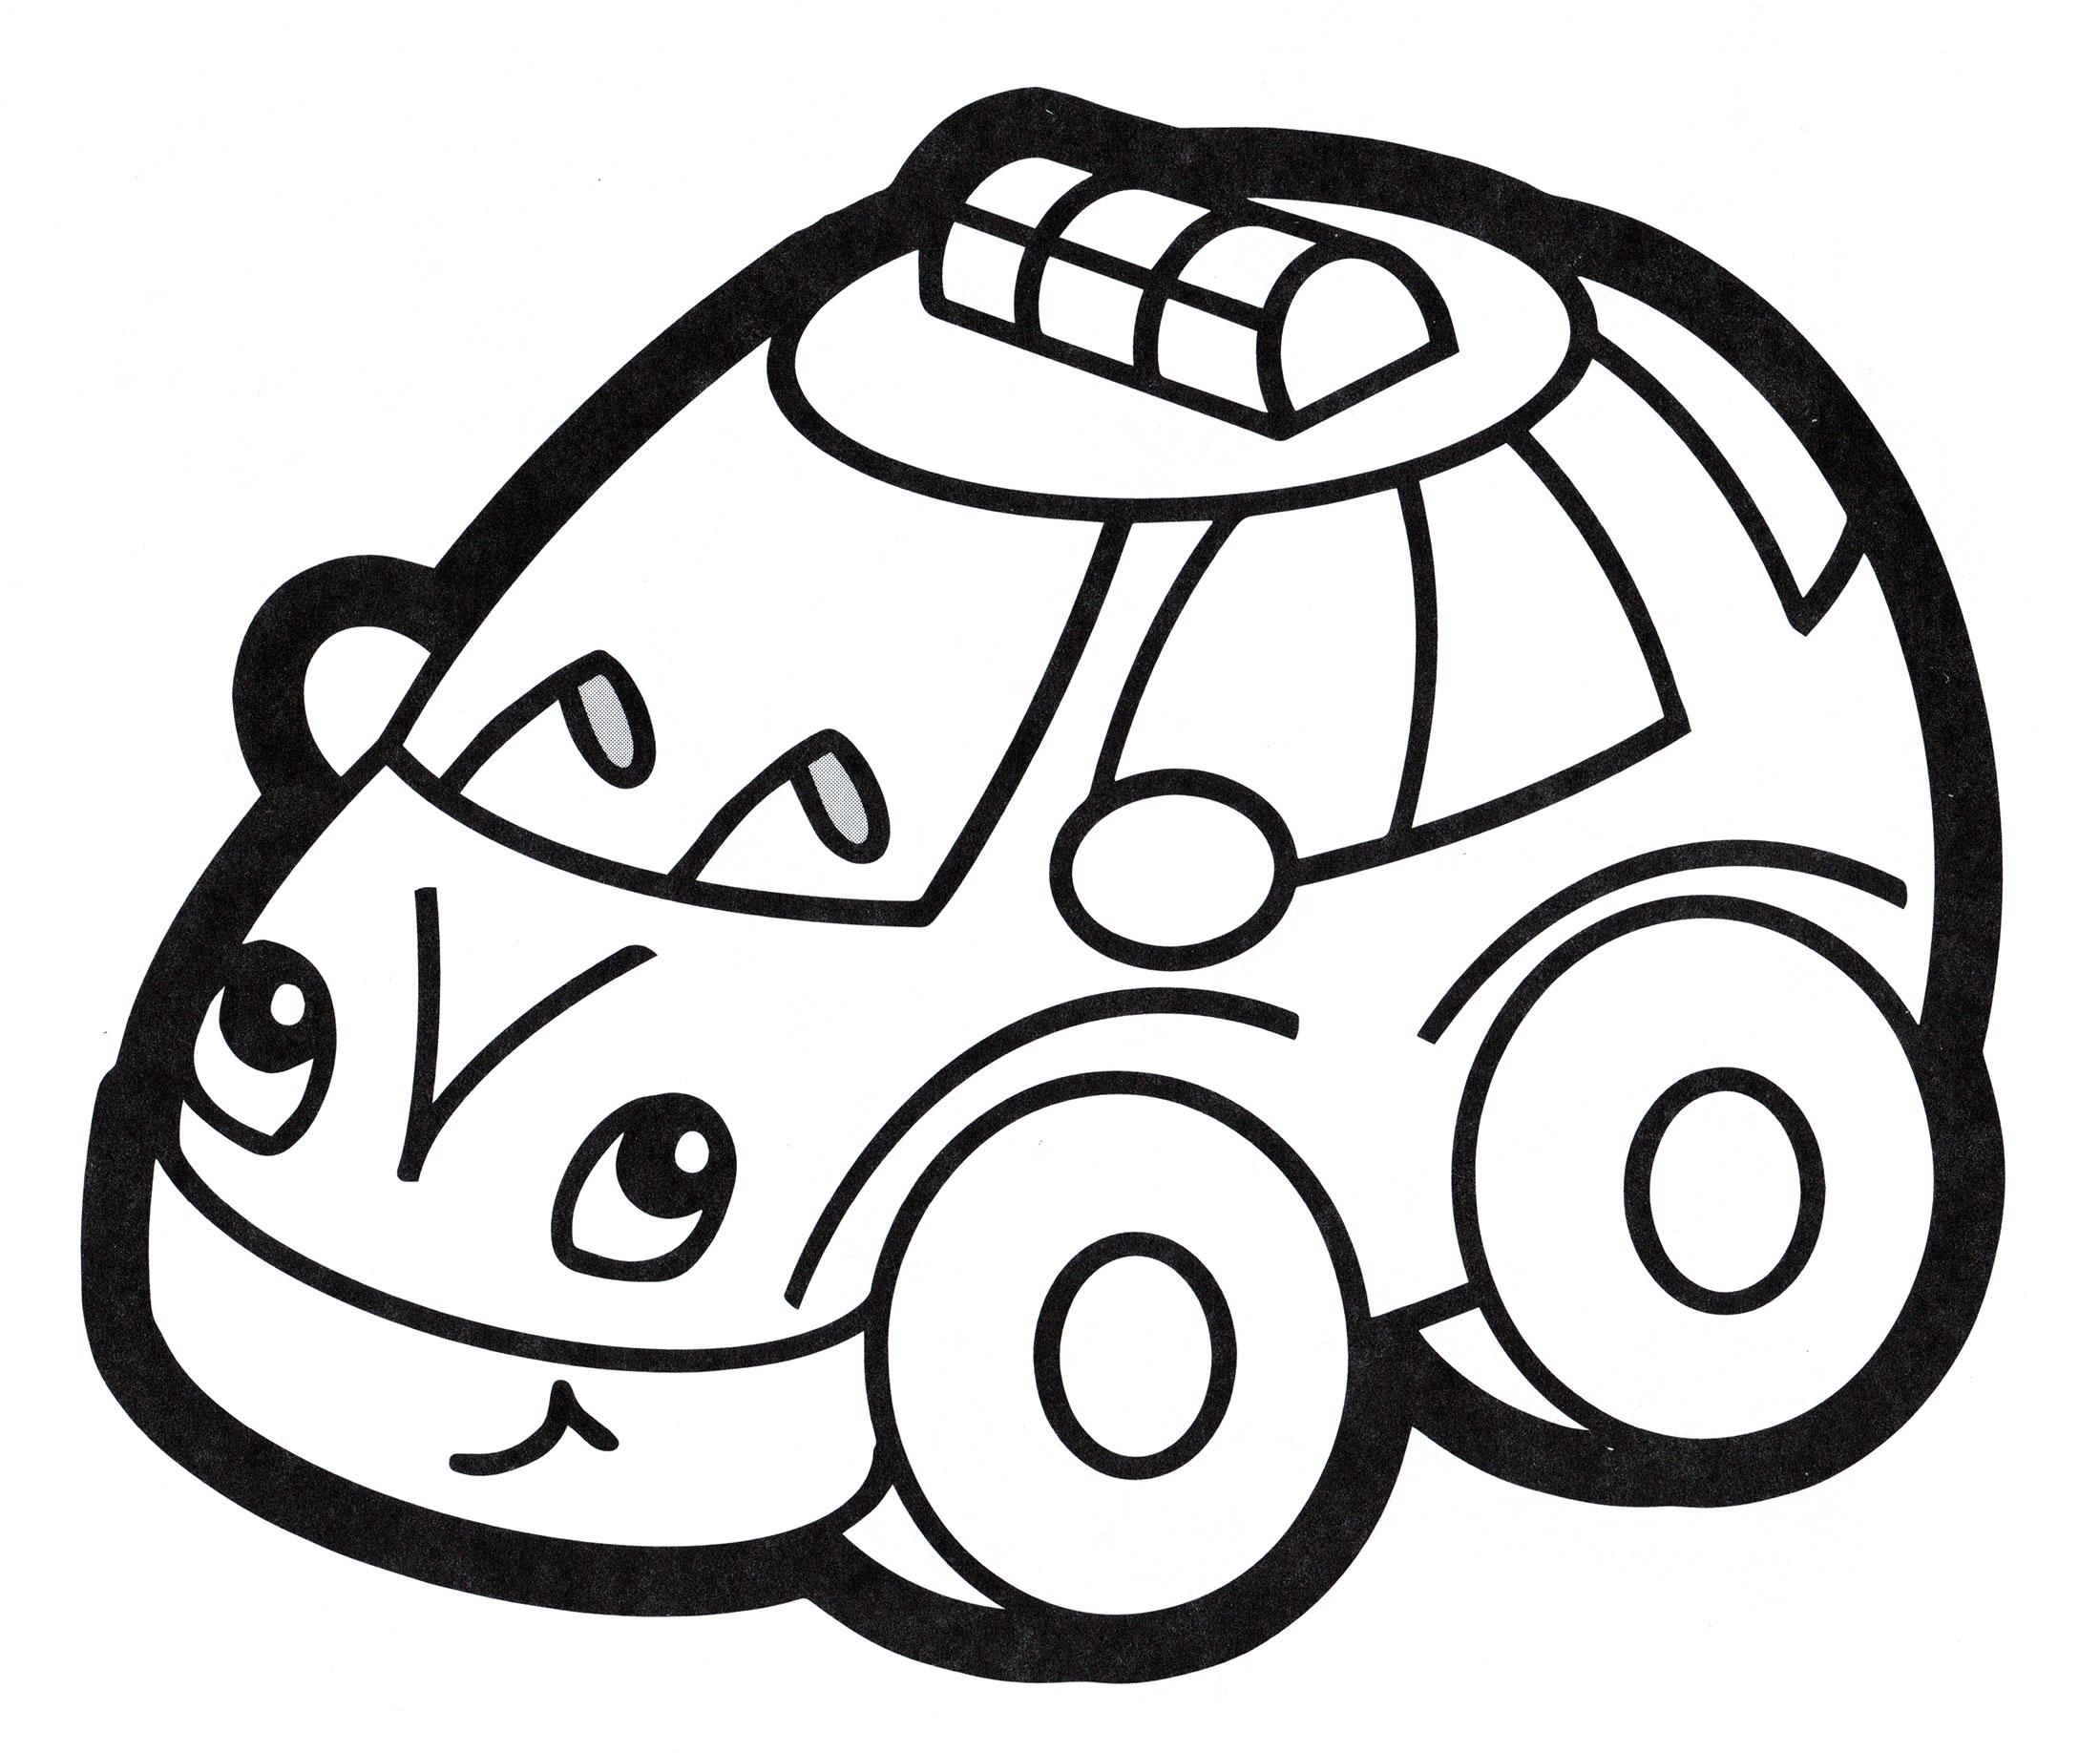 Раскраска Игрушечная машина такси - распечатать бесплатно